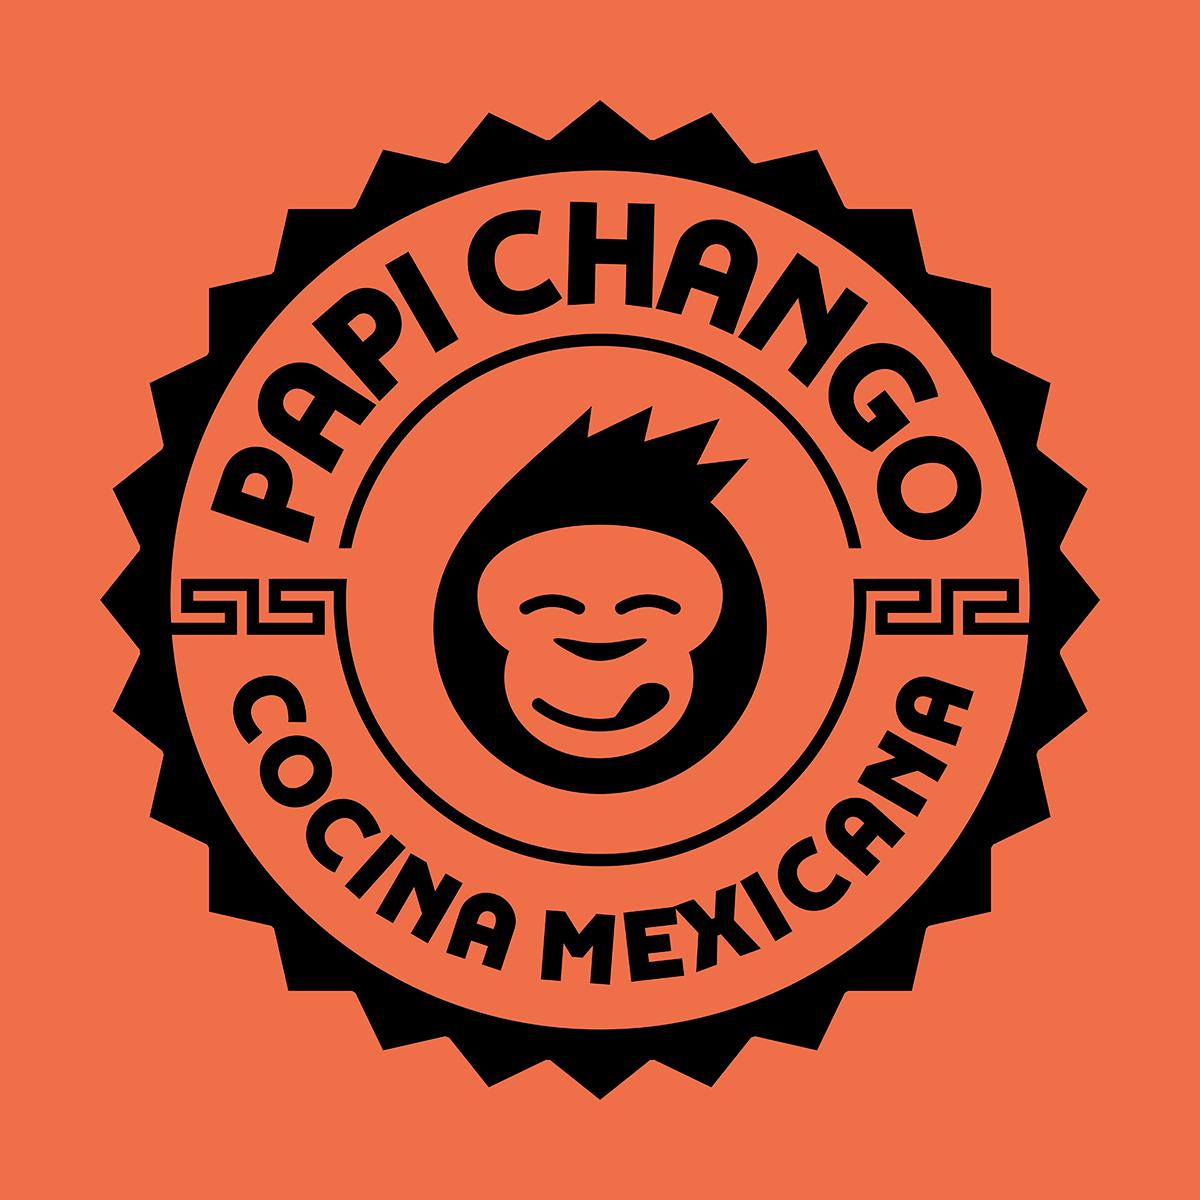 Papi Chango - Cocina Mexicana | Logo Design